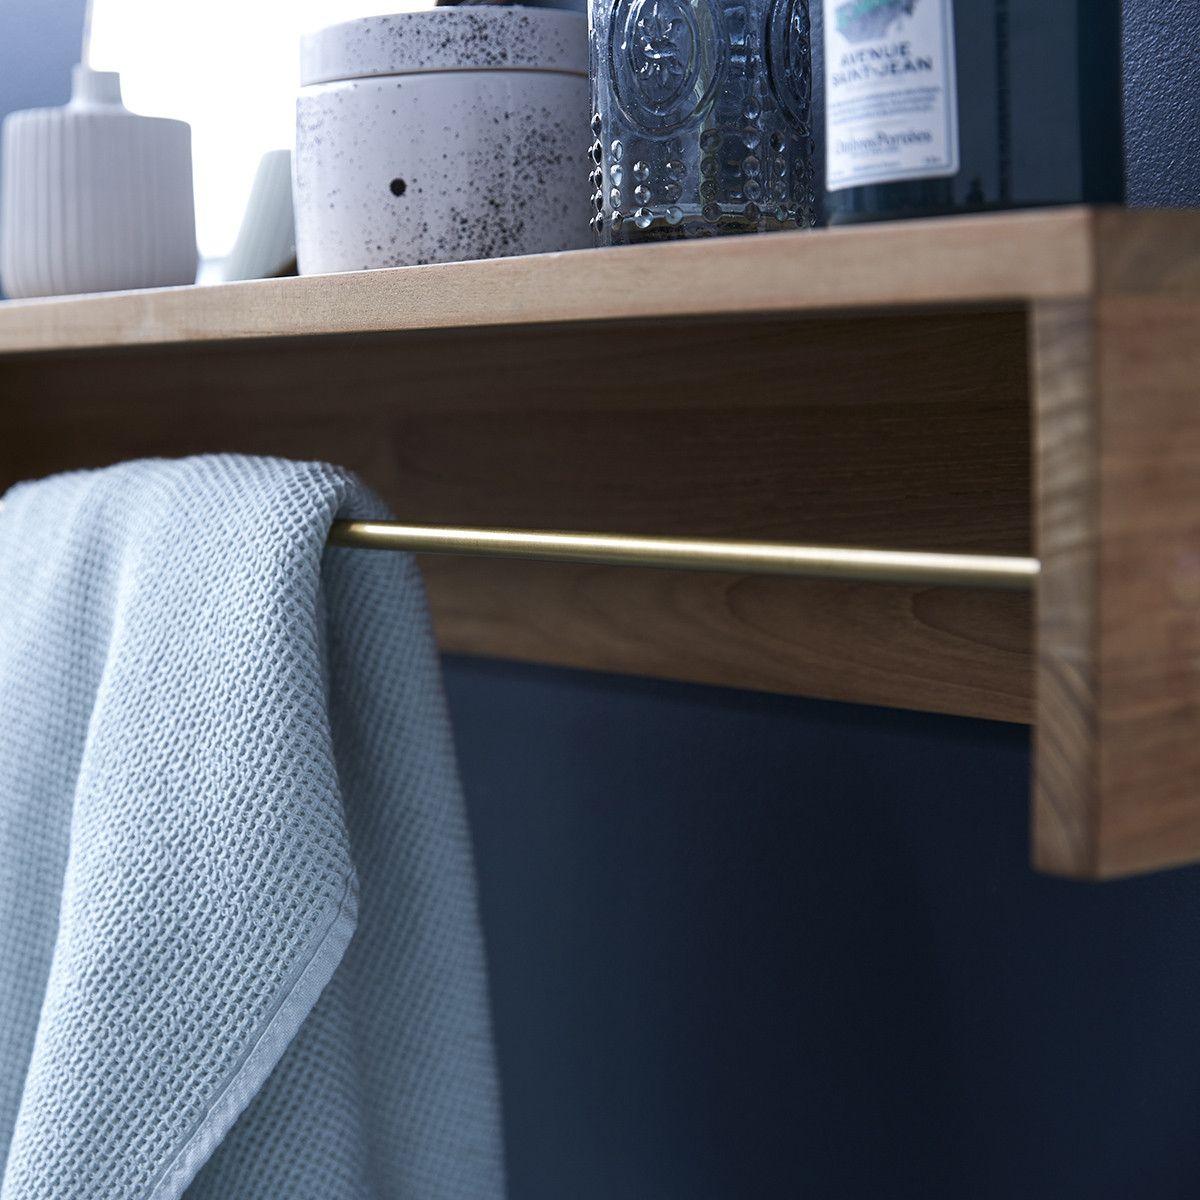 Sasha 100 Teak Wood Towel Rail In 2020 Raw Wood Furniture Wall